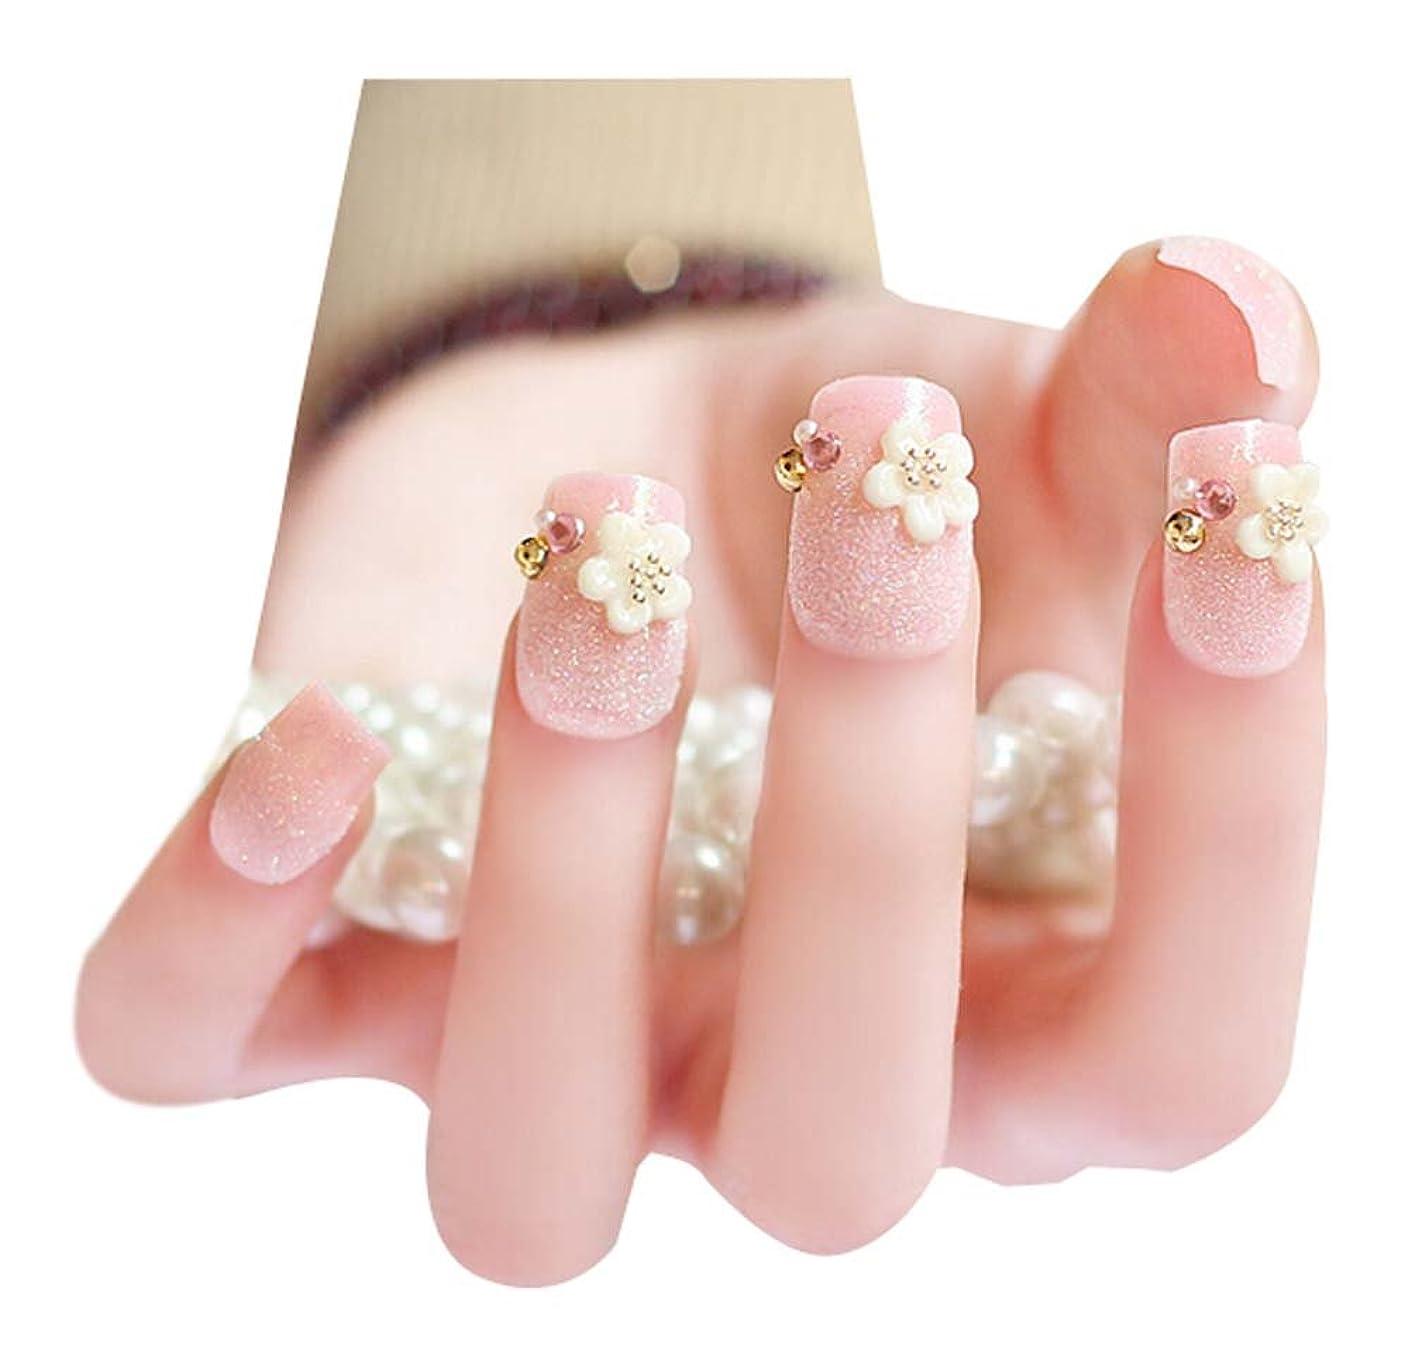 着飾るブラシ文字通り素敵なピンクのビーズの花DIY 3Dの偽の釘の結婚式の偽のネイルアート、2パック - 48枚